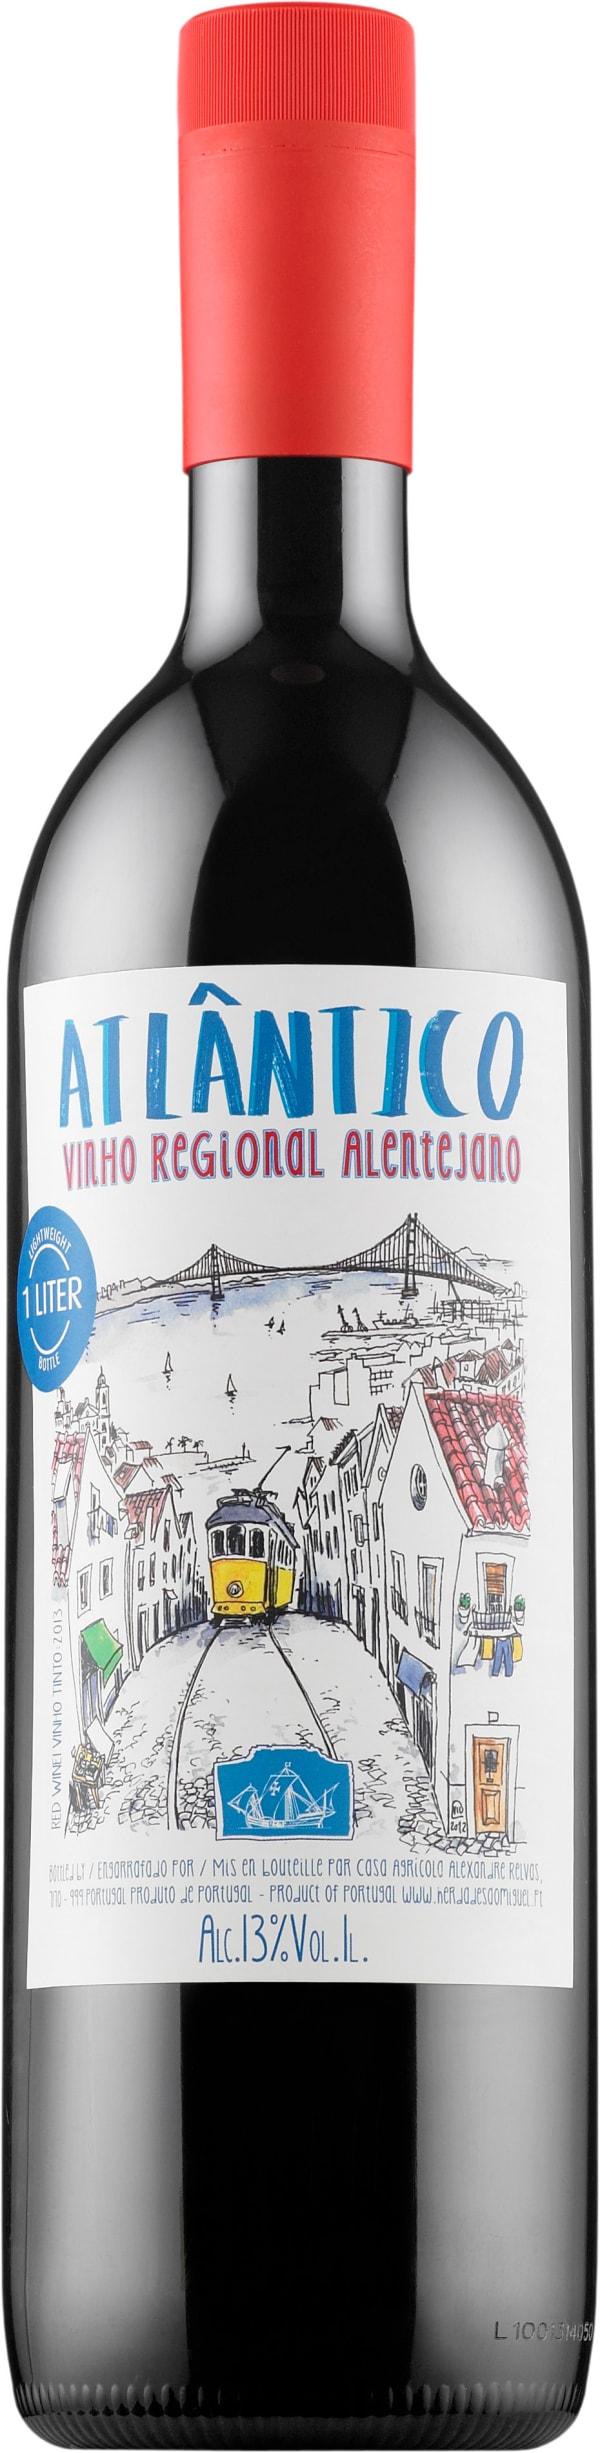 Atlântico 2018 plastic bottle